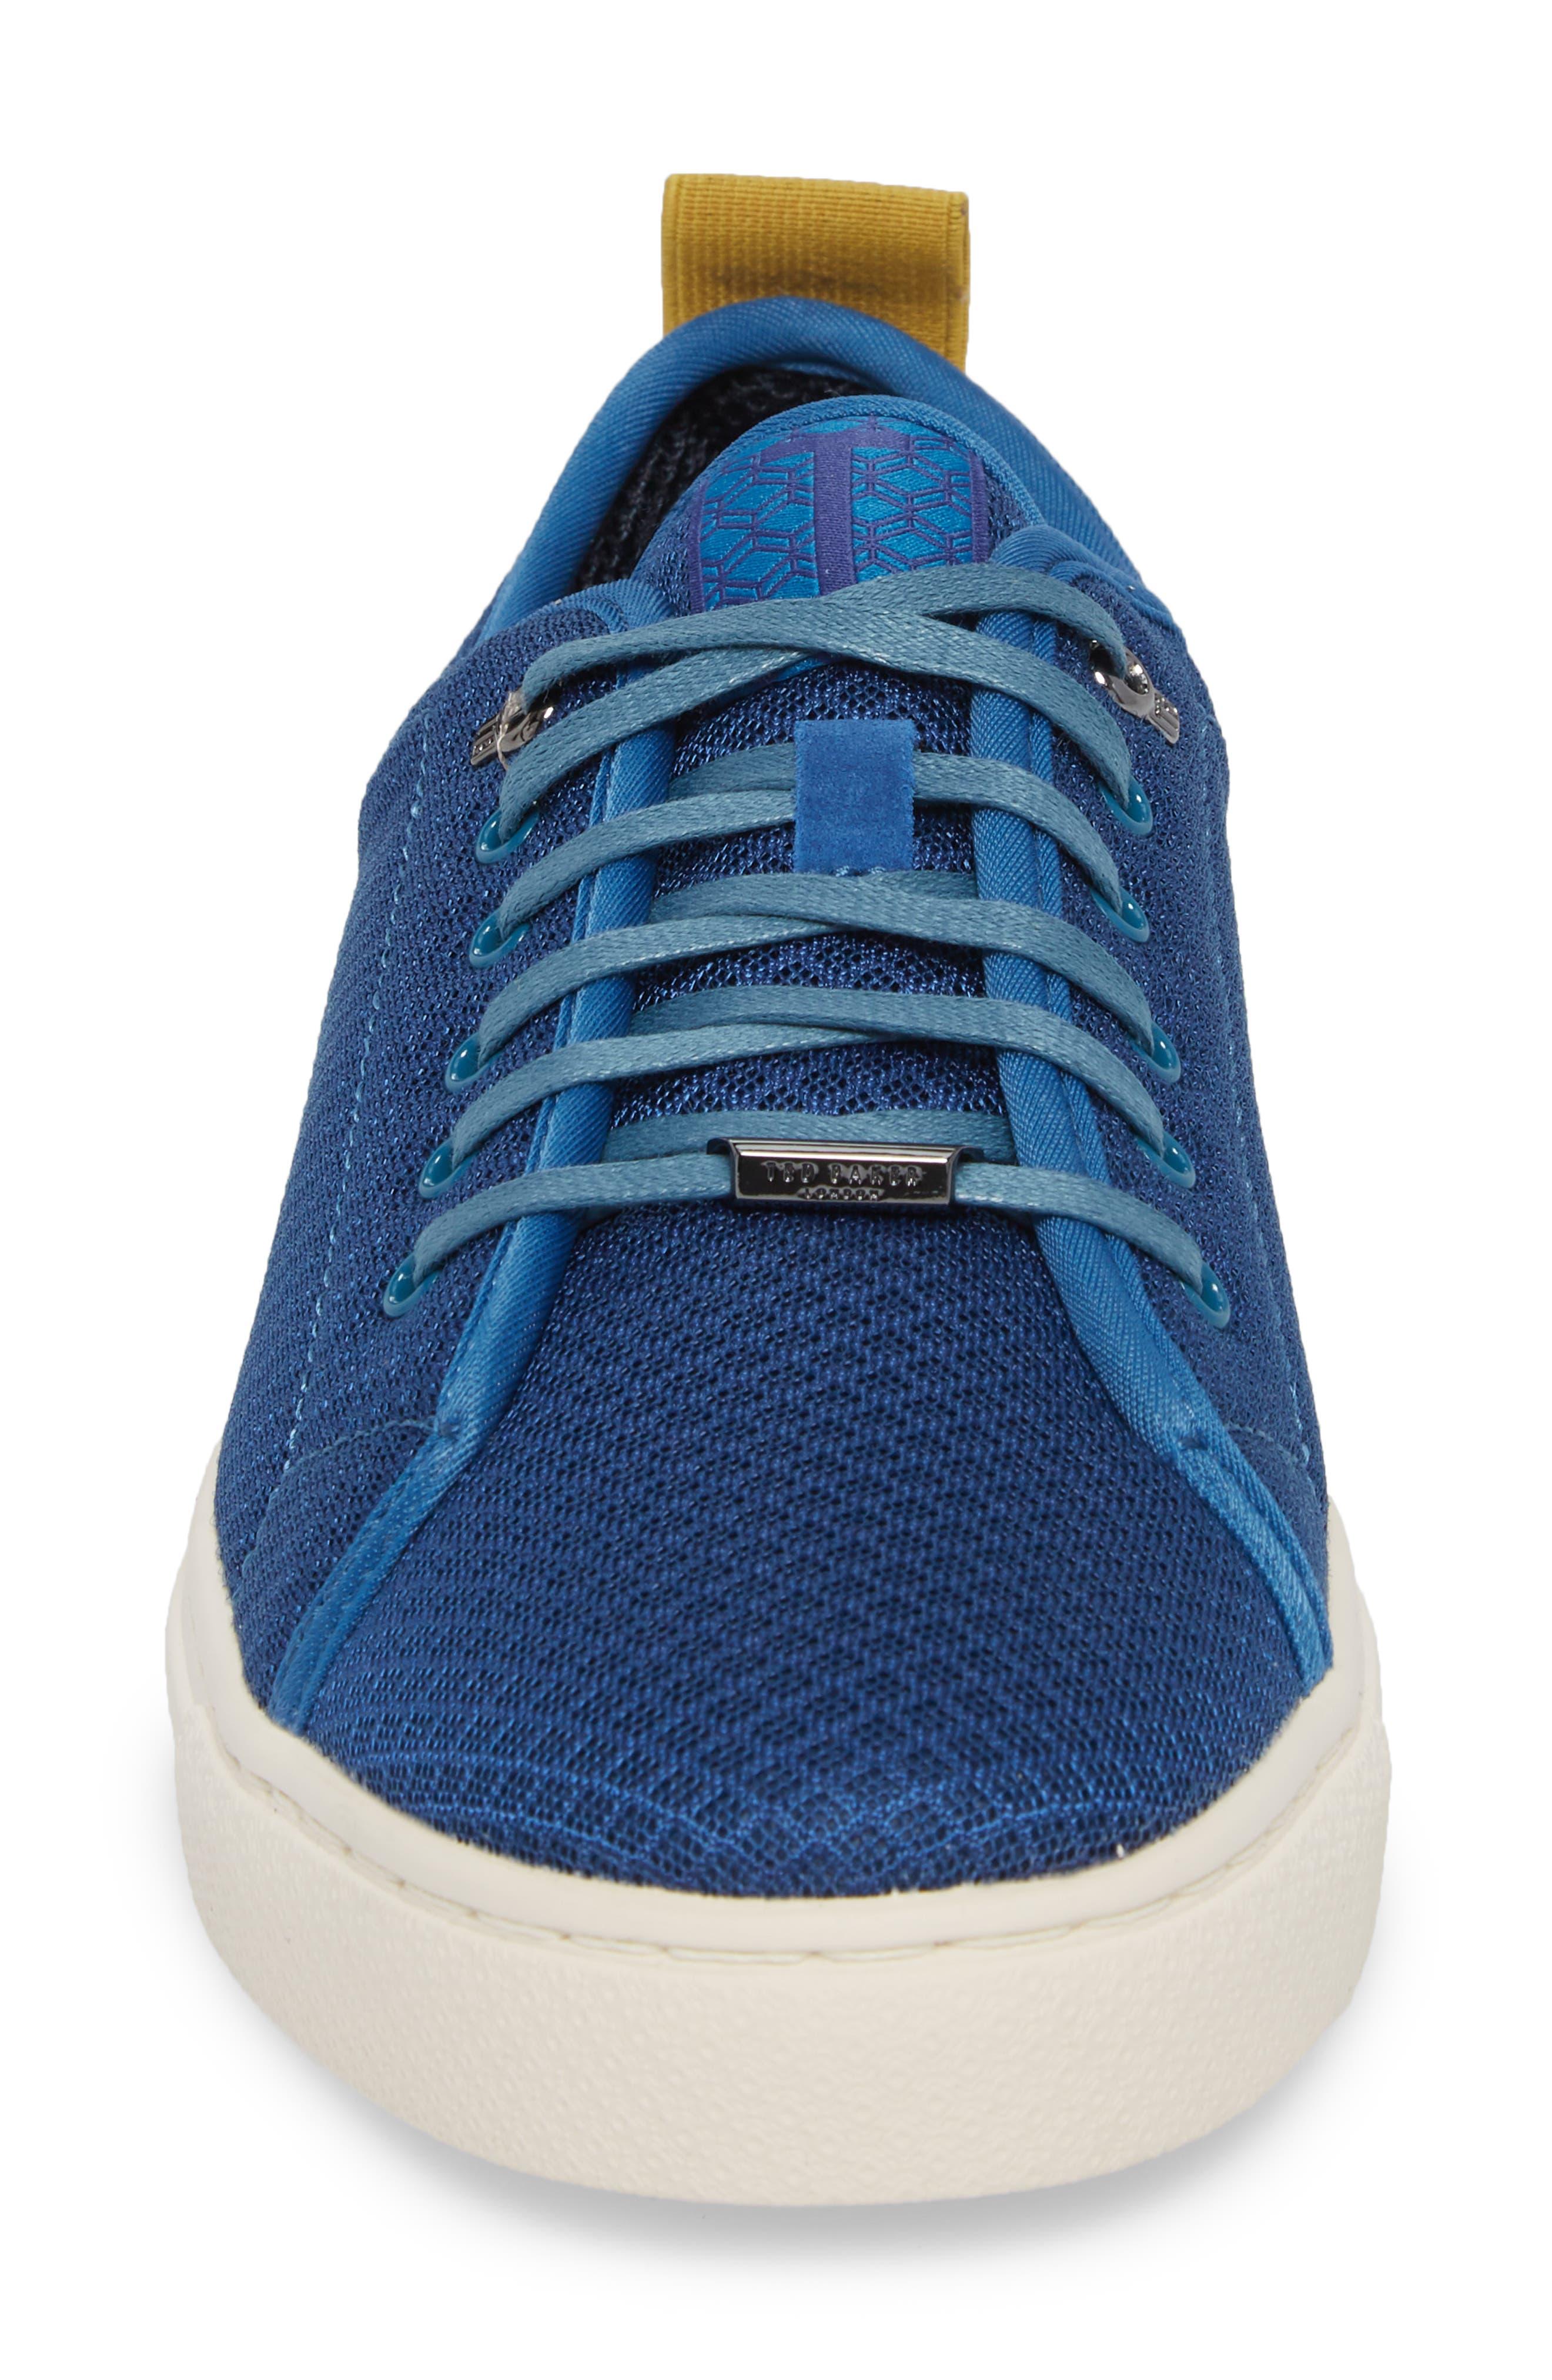 Lannse Low Top Mesh Sneaker,                             Alternate thumbnail 4, color,                             Blue Textile